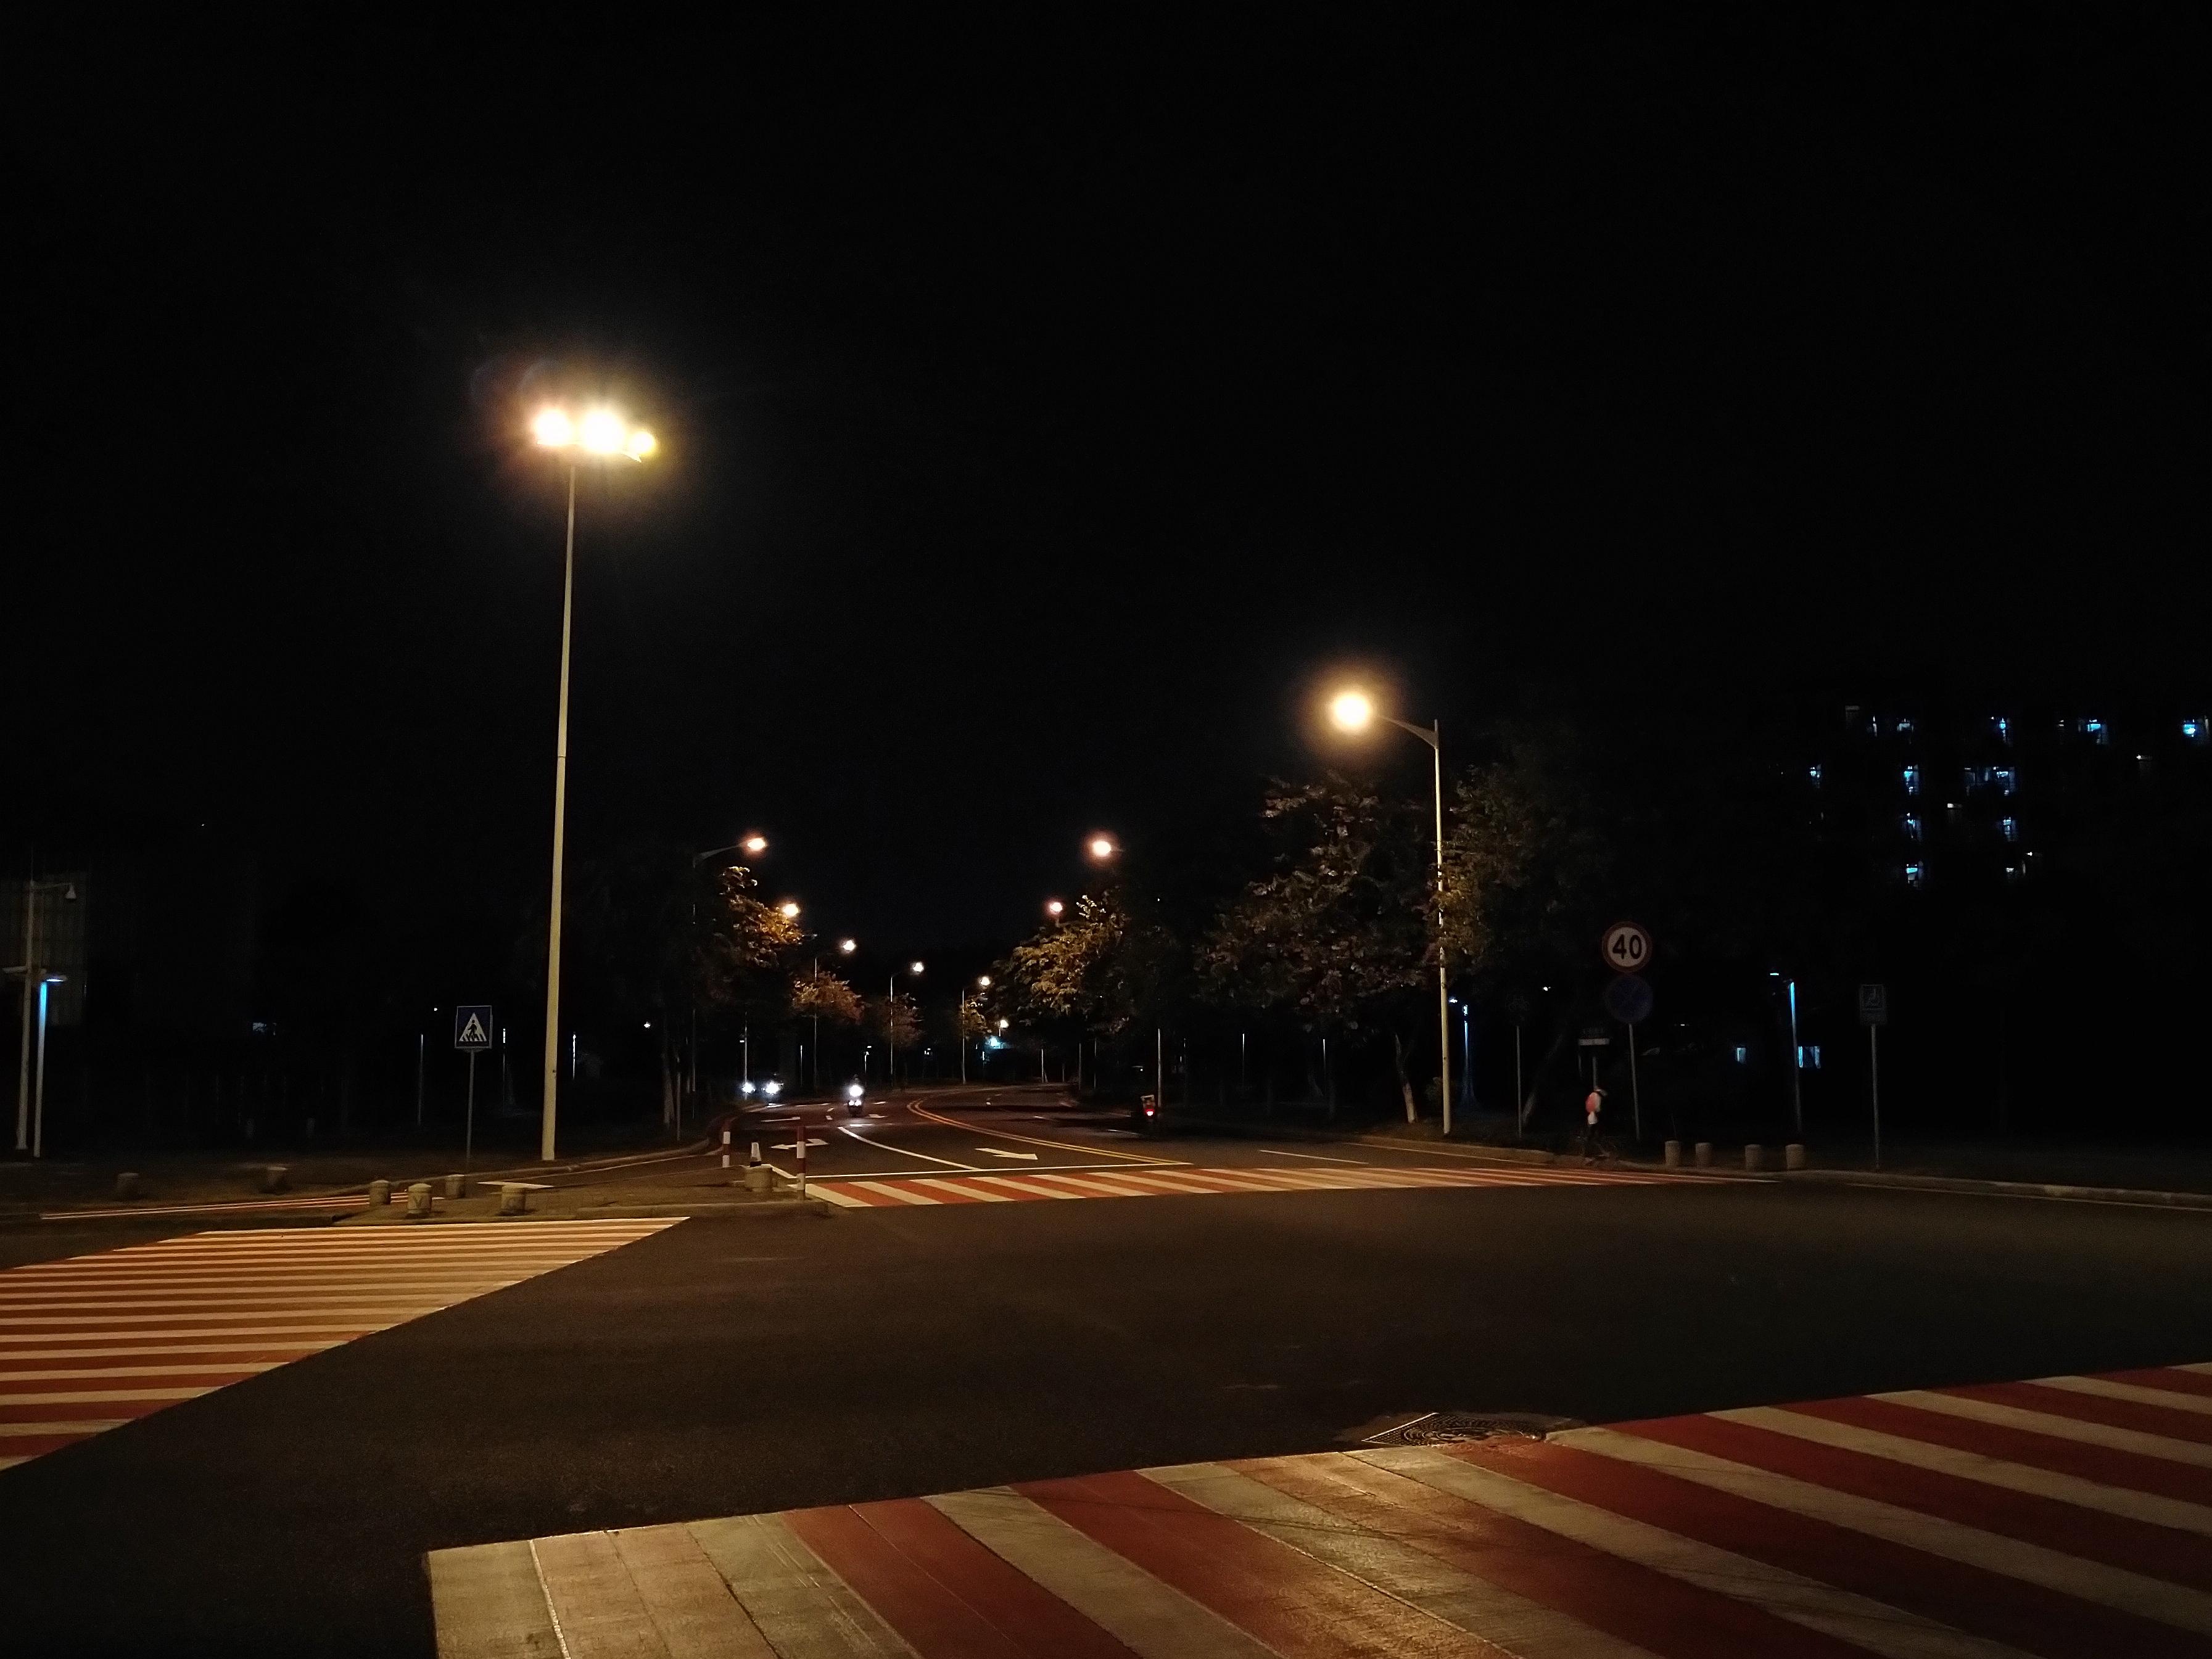 IMG_20171202_182421R_副本.jpg